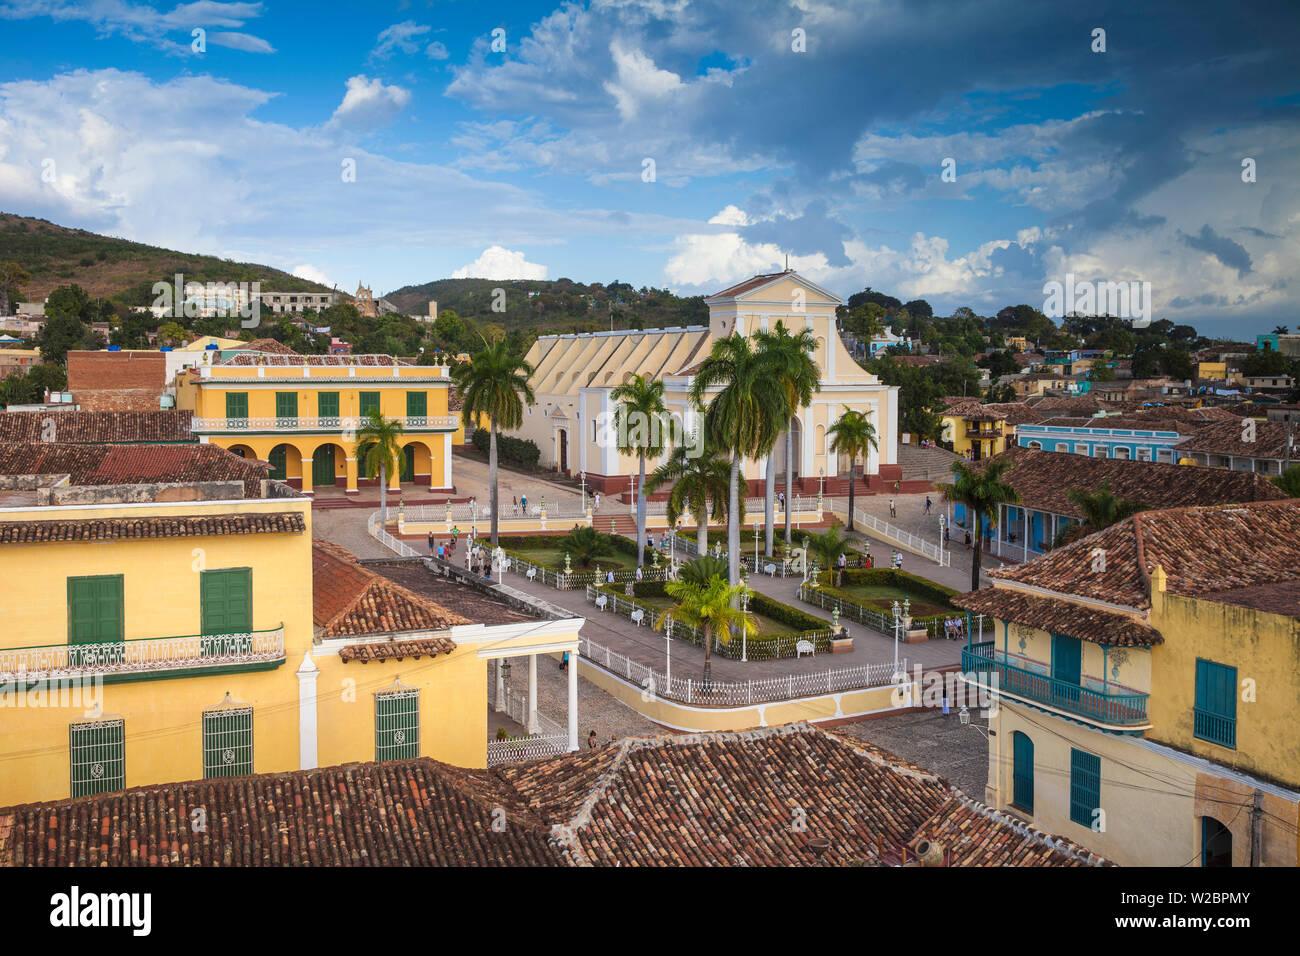 Cuba, Trinidad, View of Plaza Mayor looking towards Museum Romantico  and Iglesia Parroquial de la Santisima Trinidad - Church of the Holy Trinity, in the far distance is Ermita de Nuestra de la Candelaria de la Popa an 18th Century church now in ruins - Stock Image